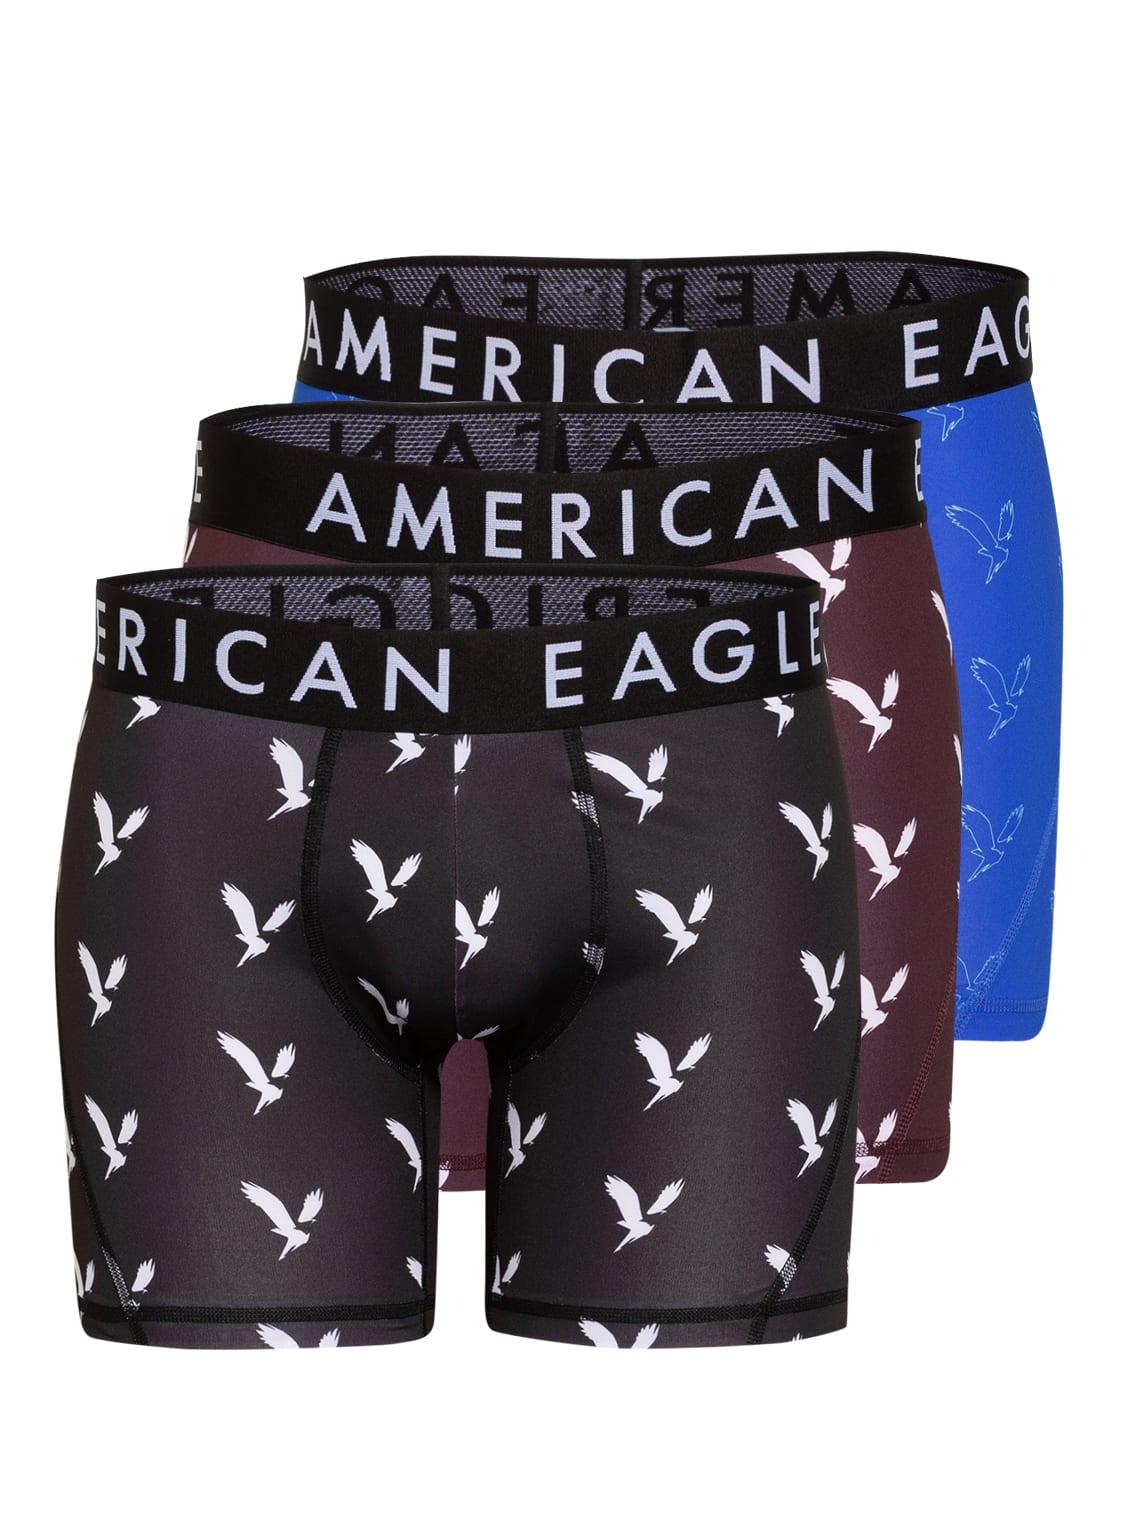 Image of American Eagle 3er-Pack Boxershorts schwarz